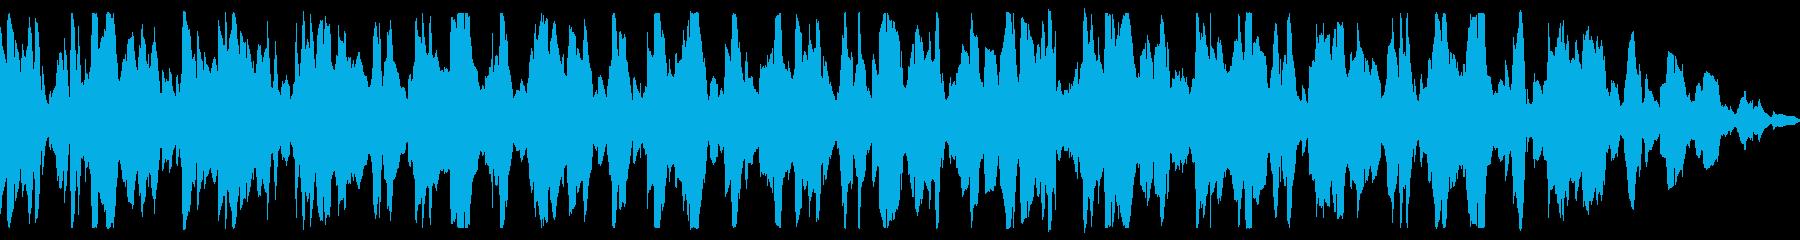 エレピのしっかり聴こえる着信音の再生済みの波形